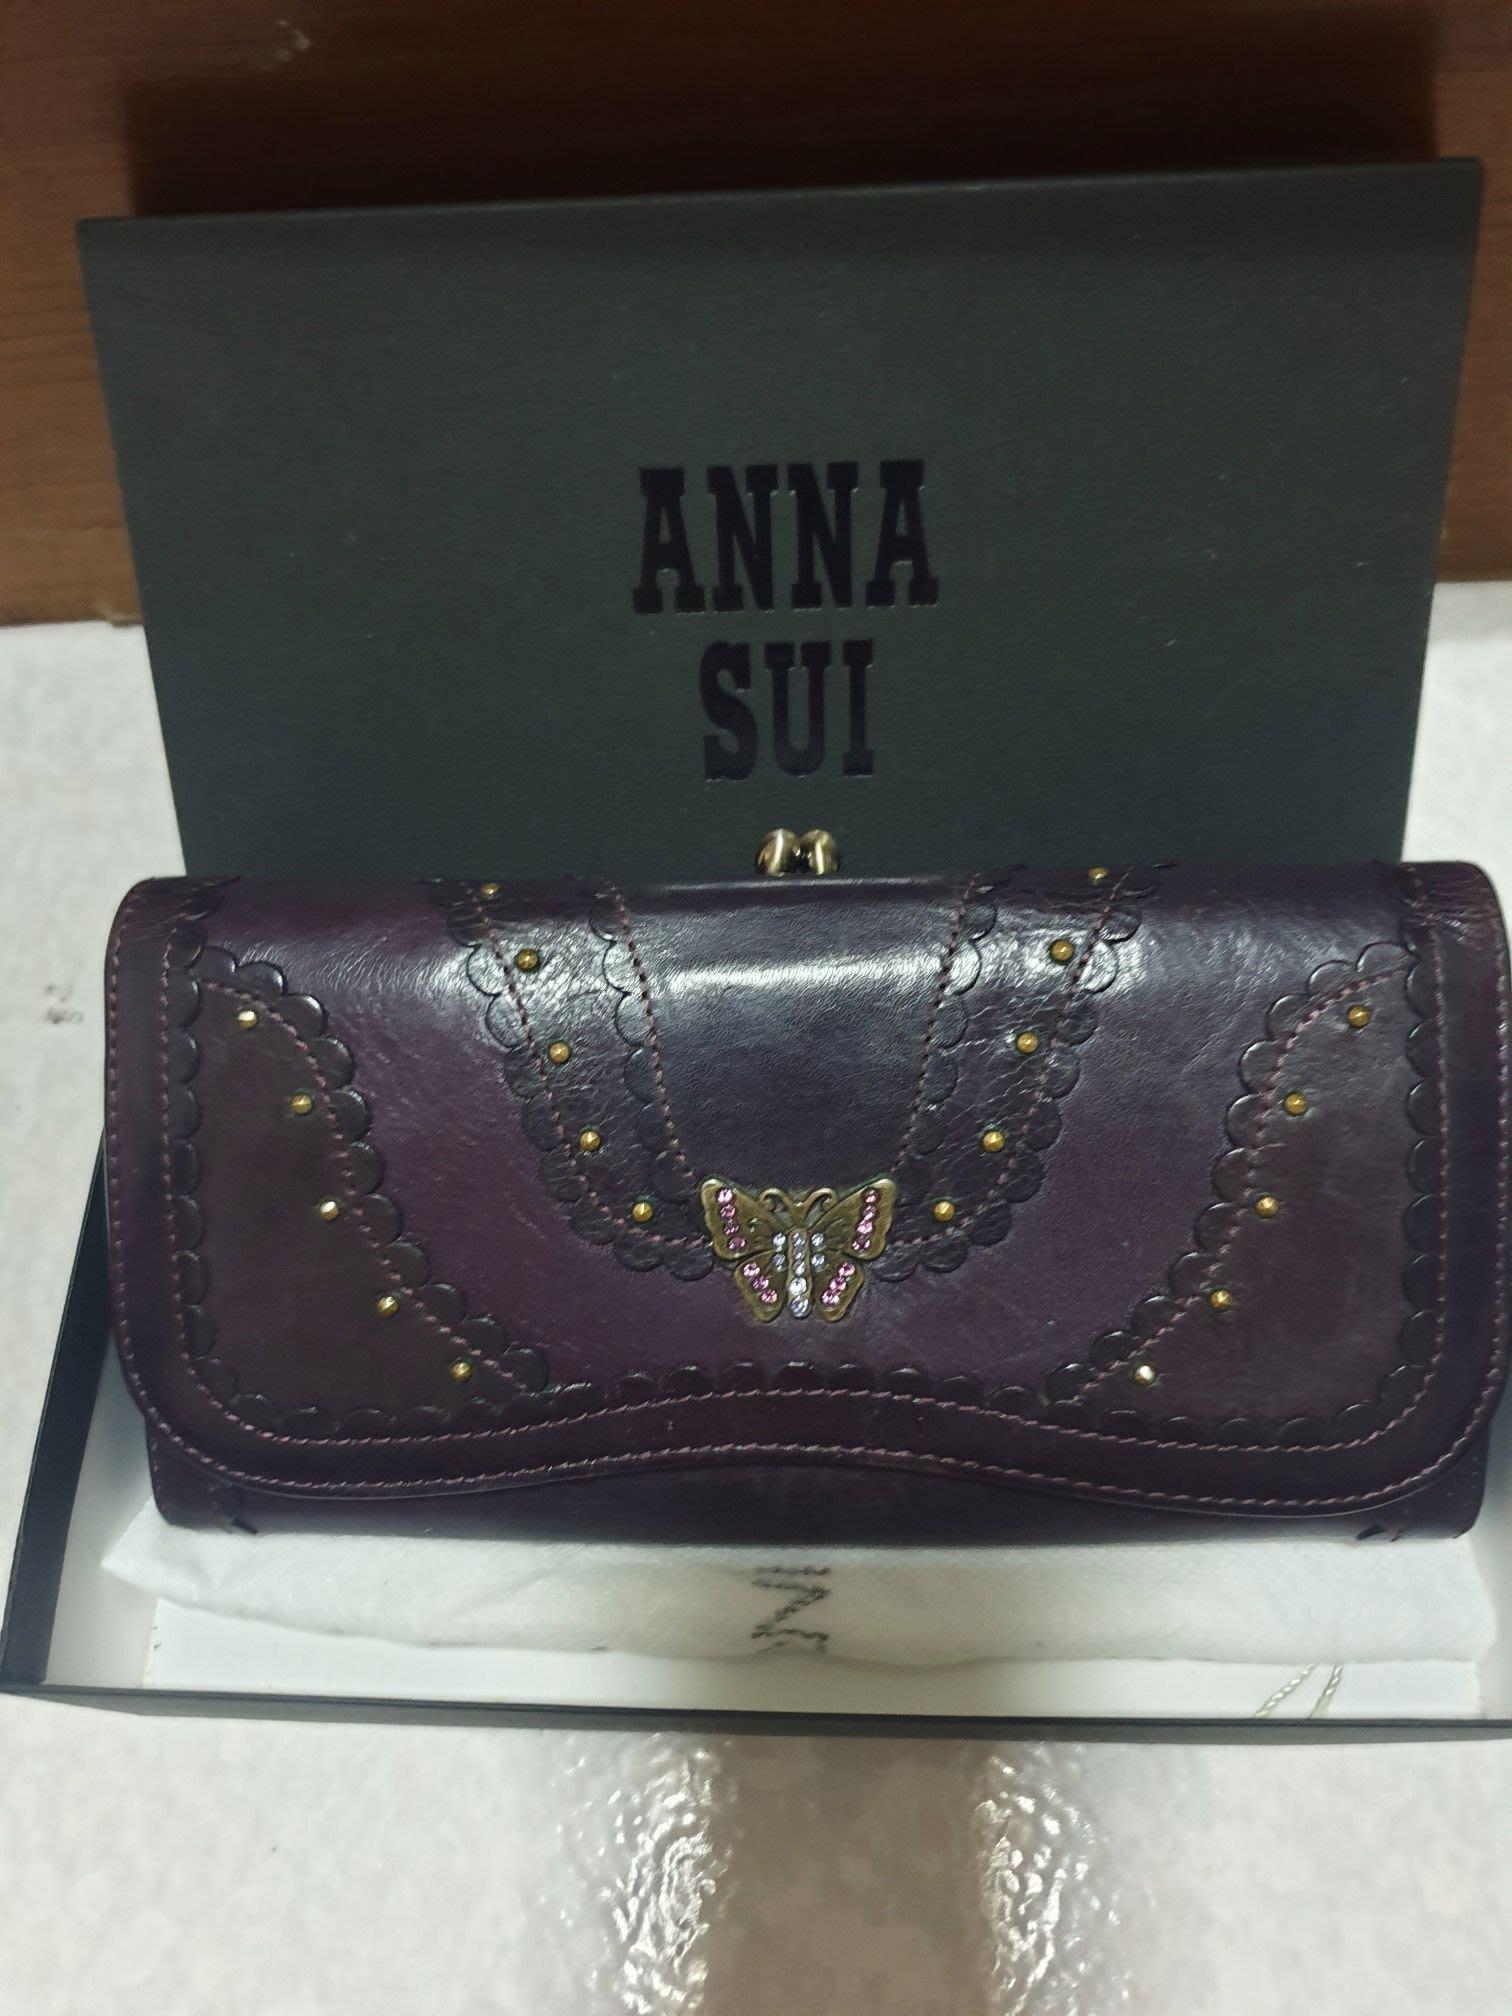 Anna sui 絕版經典紫色珠扣長夾